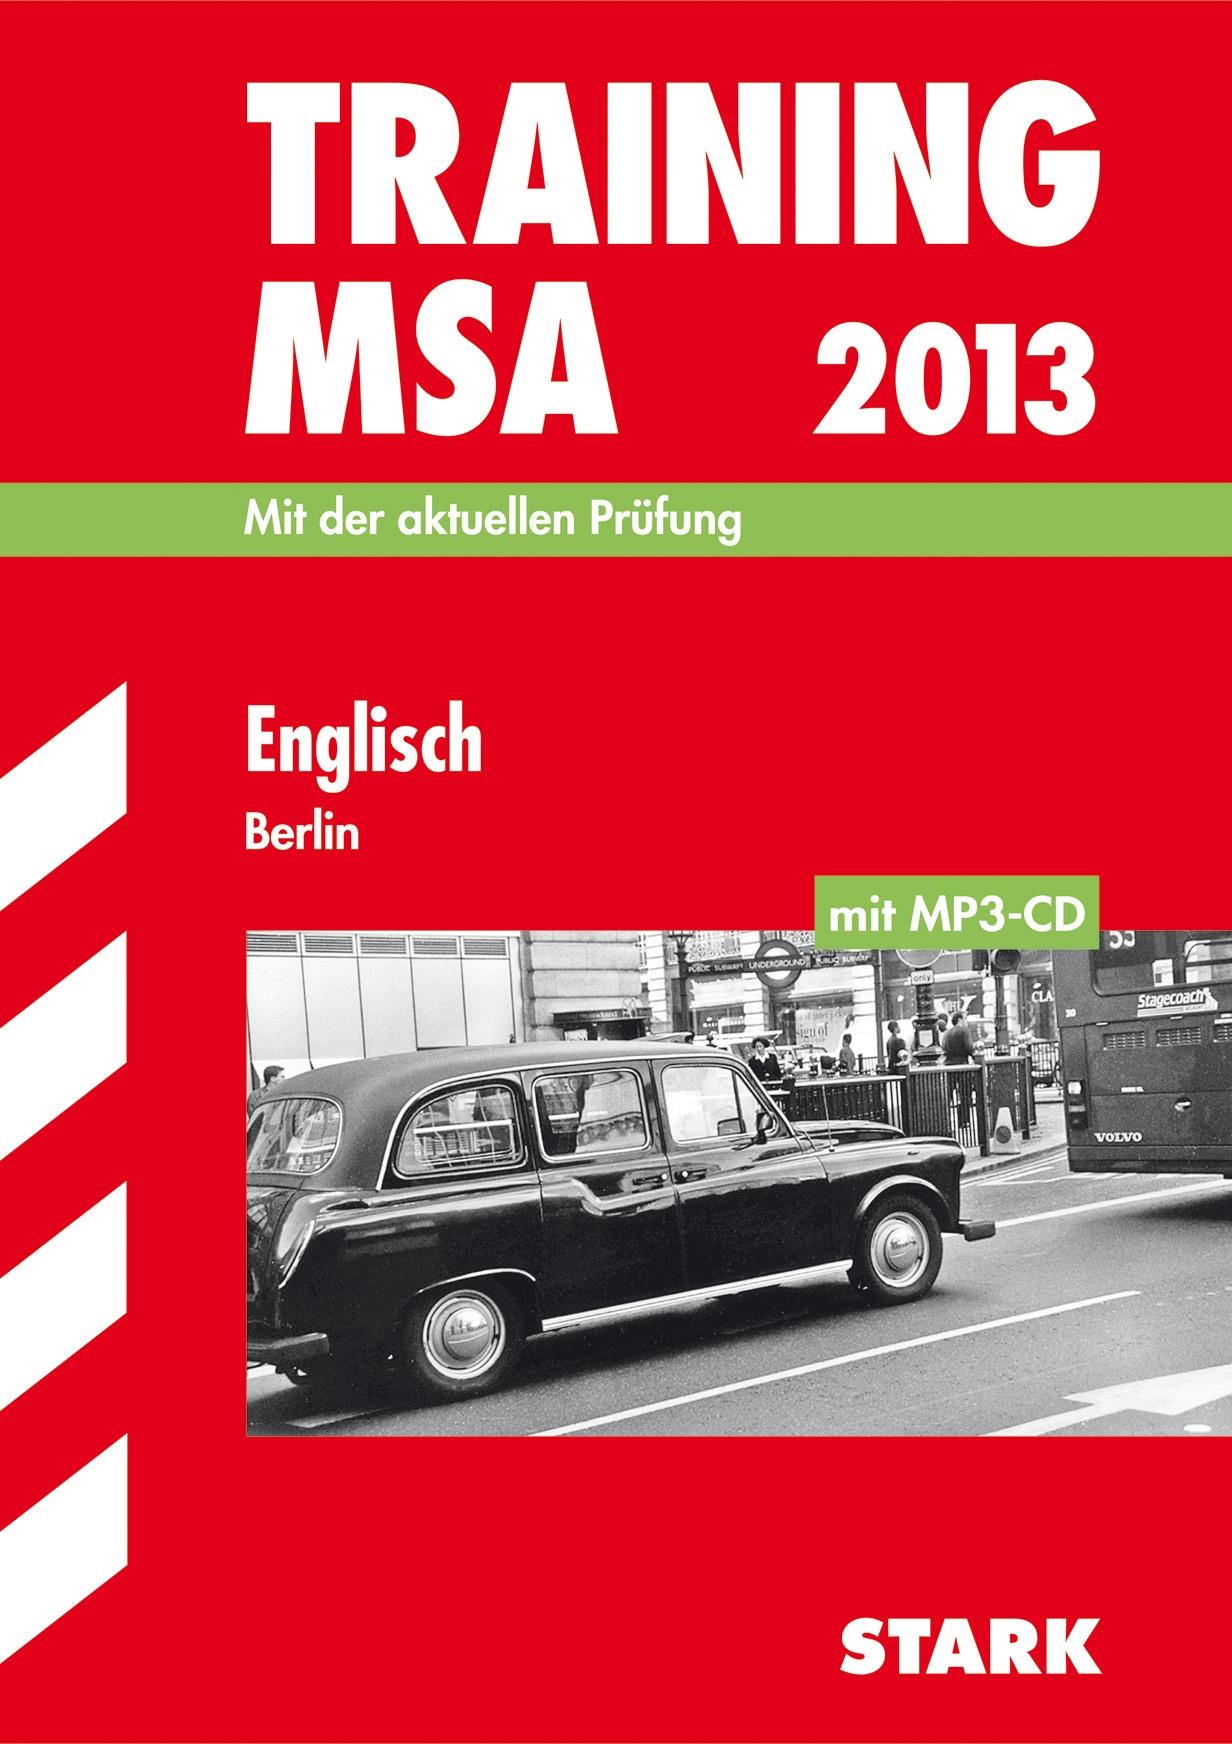 Training Mittlerer Schulabschluss Berlin/Brandenburg / Englisch mit MP3-CD 2013: Mit der aktuellen Prüfung